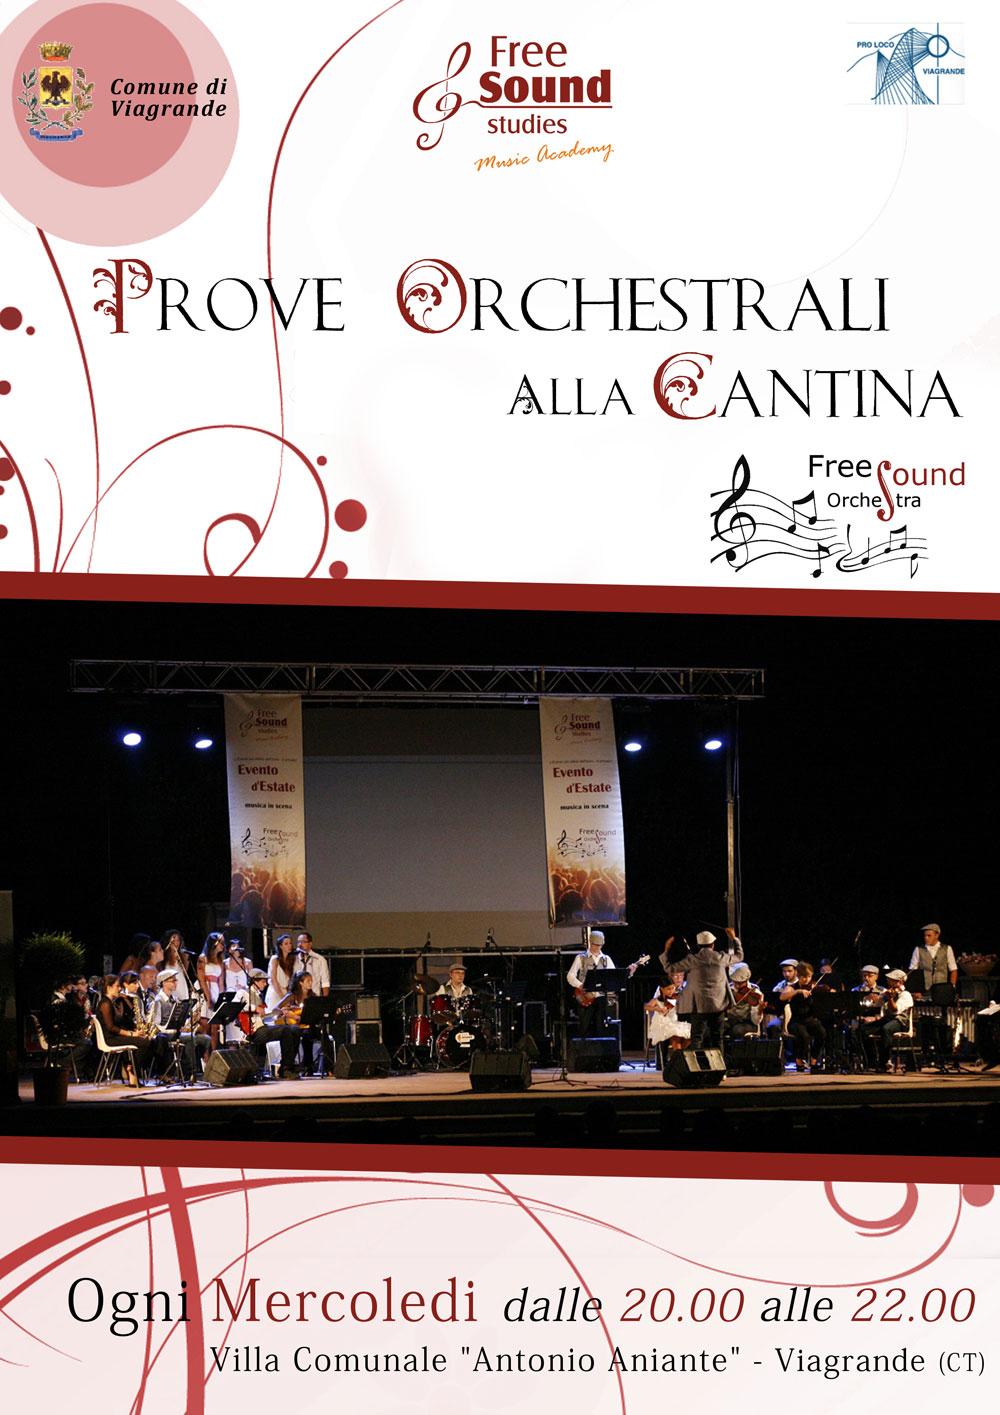 Prove Orchestrali